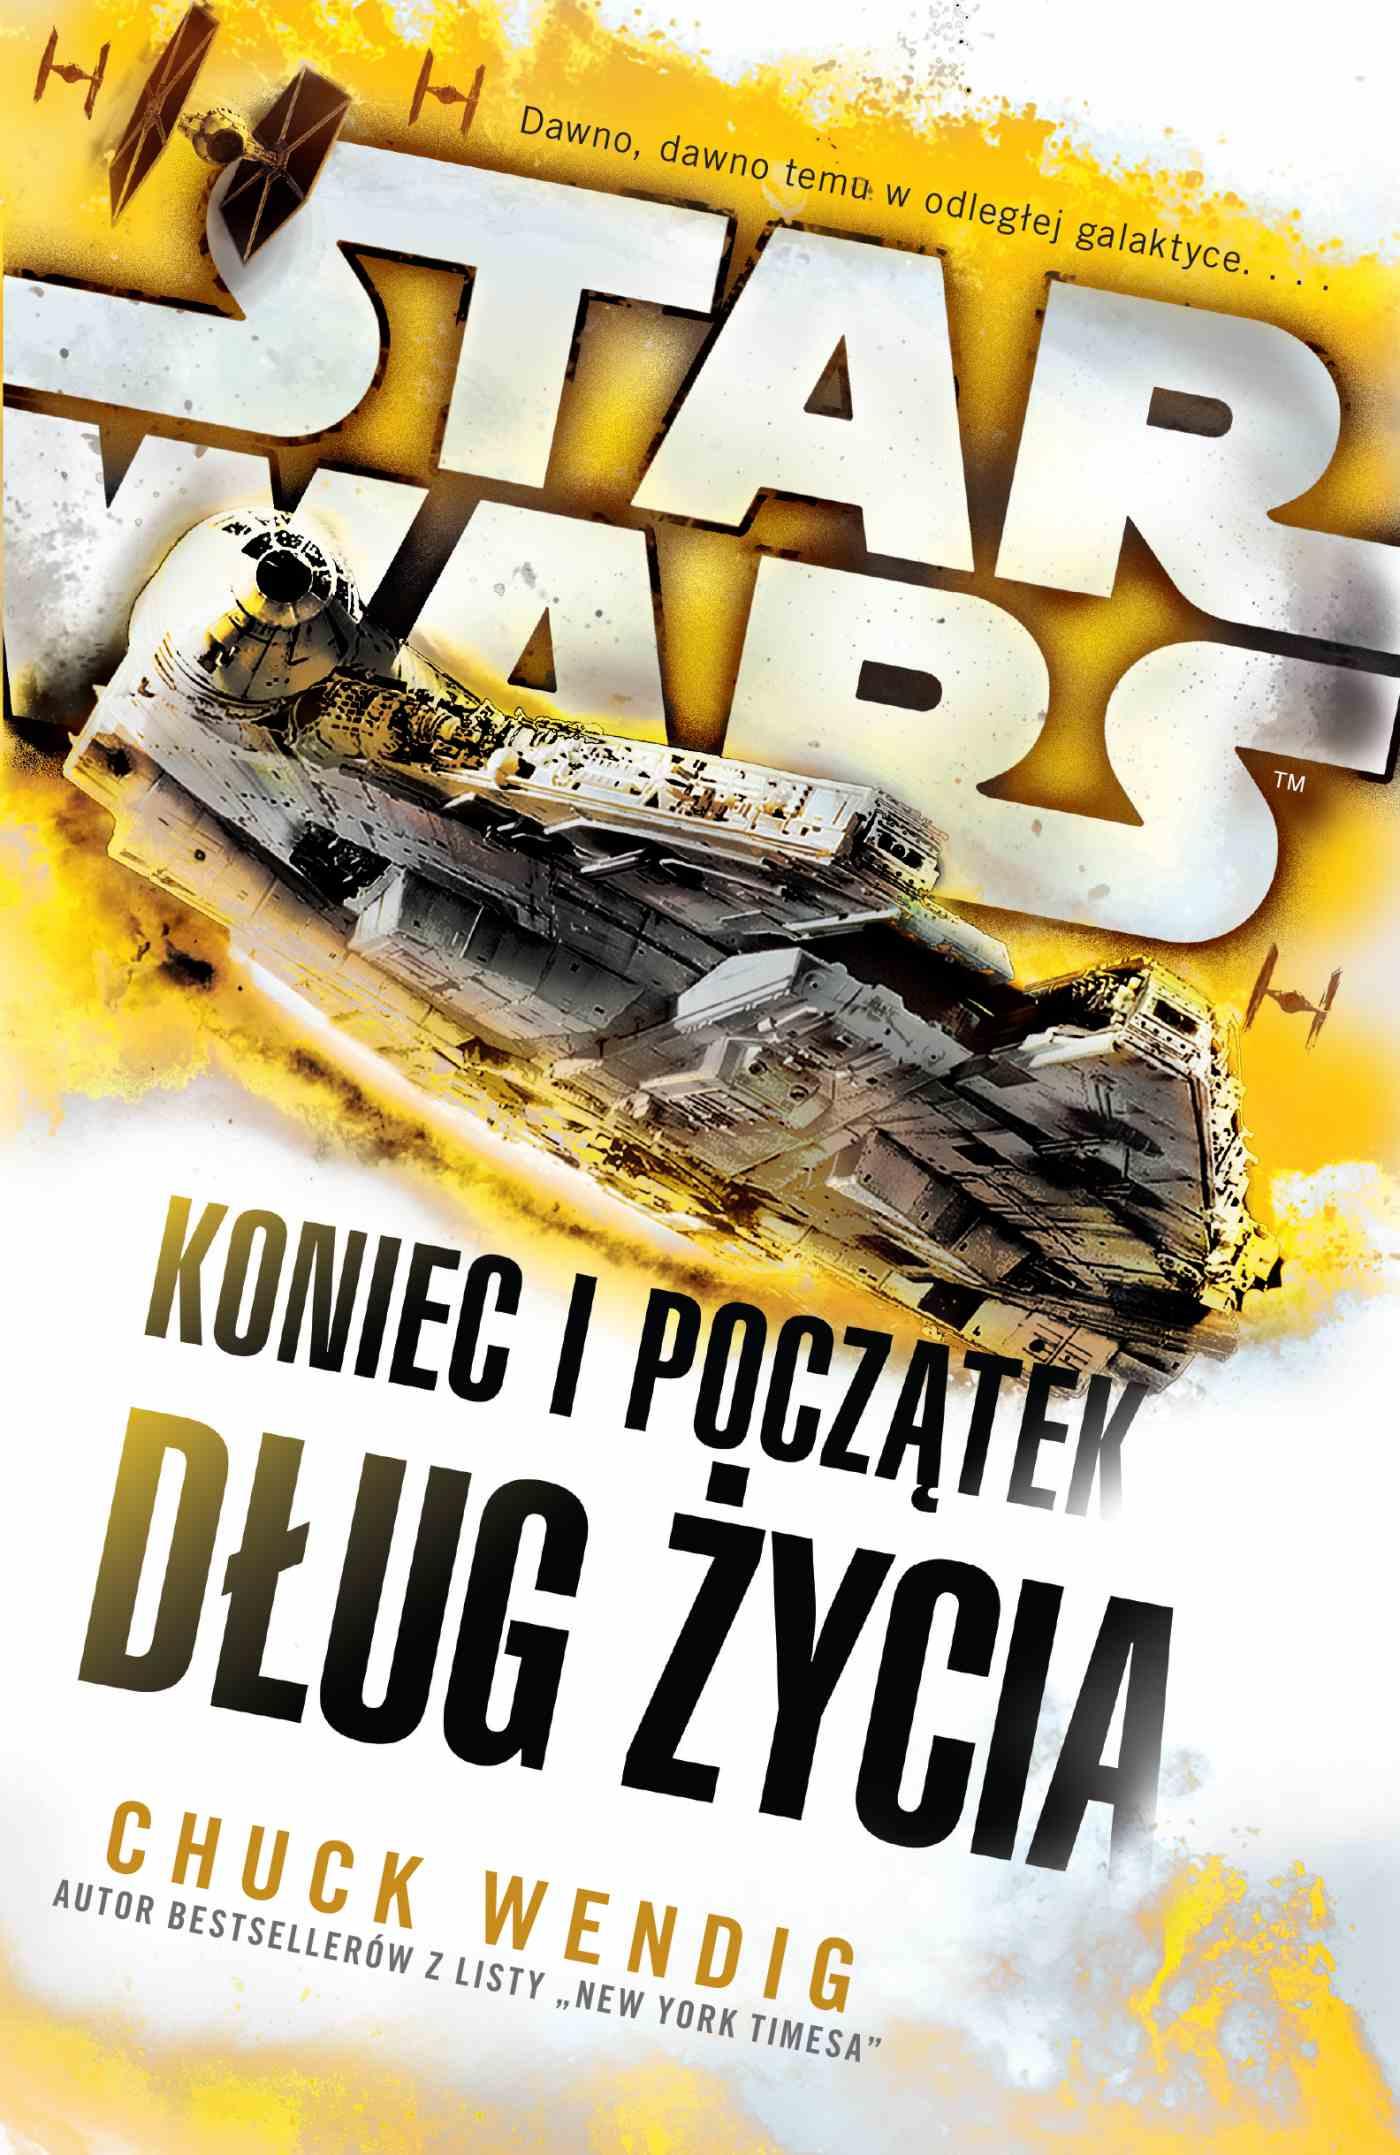 Star Wars. Koniec i początek. Dług życia - Ebook (Książka EPUB) do pobrania w formacie EPUB